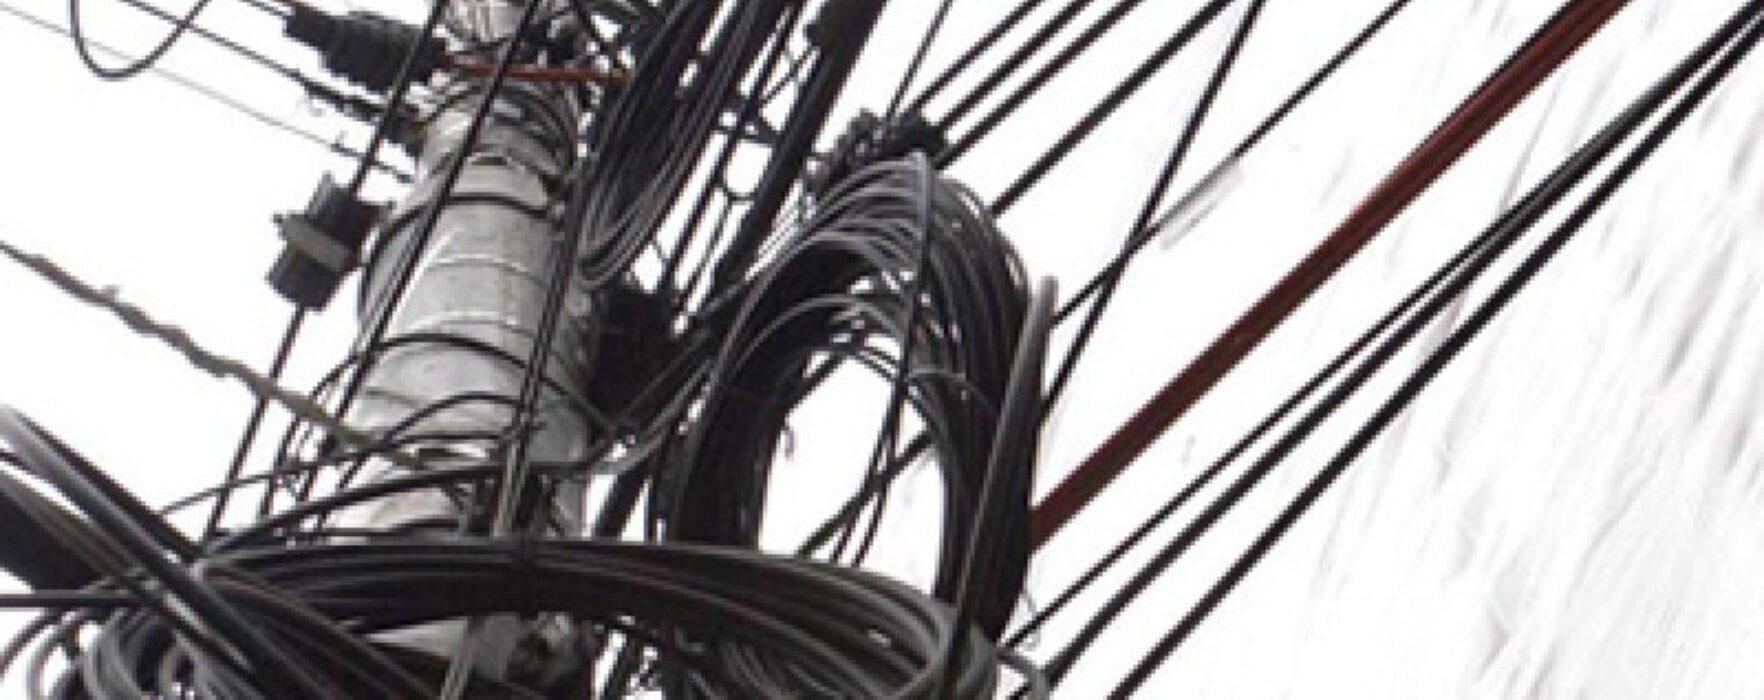 Primăria Târgovişte, precizări privind înlăturarea reţelelor de telecomunicații amplasate fără drept